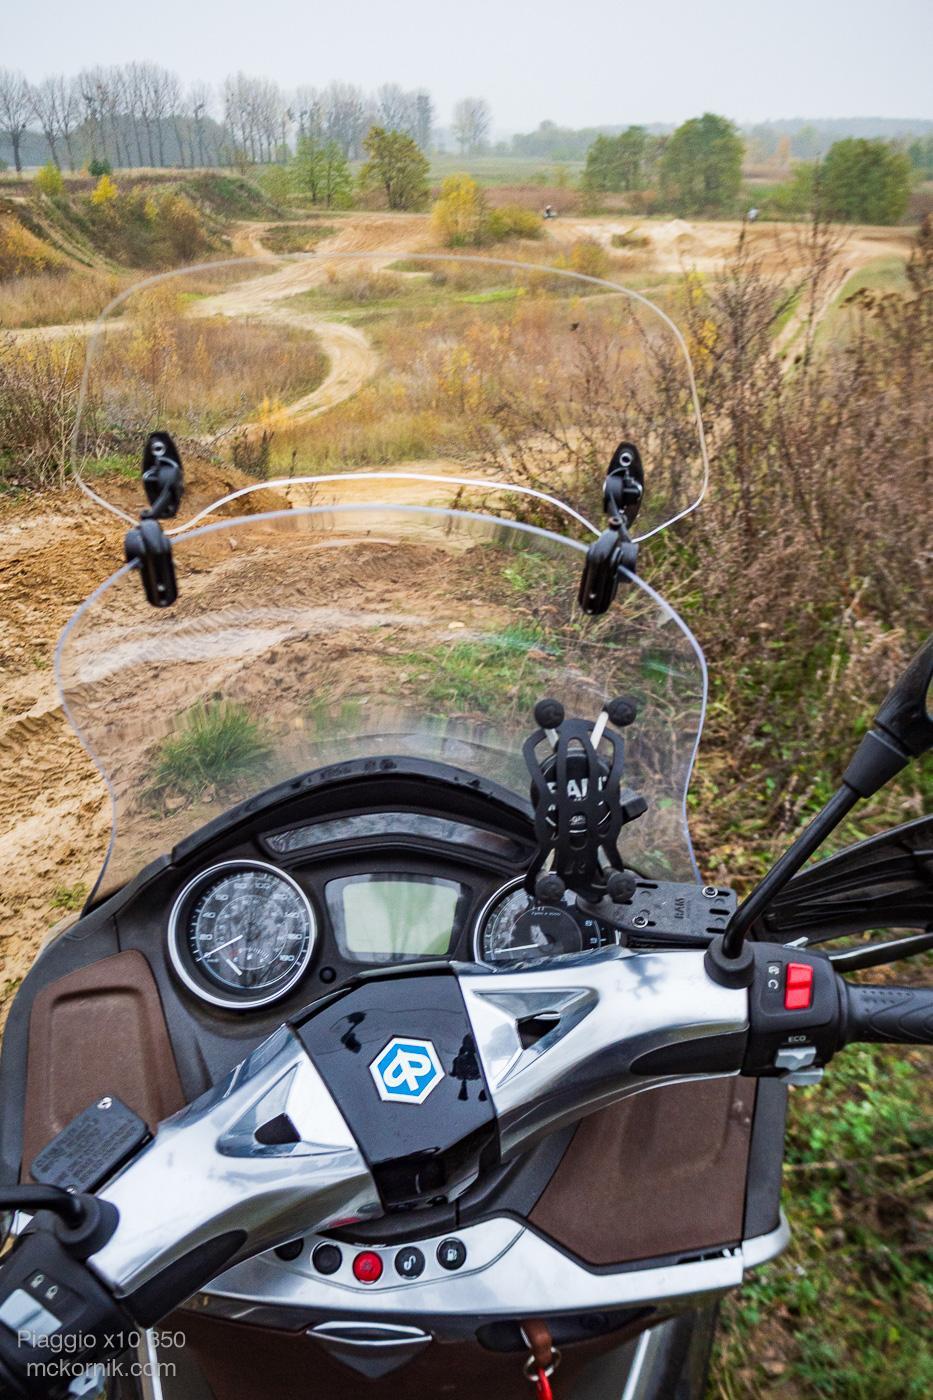 #Calimoto Autumn scooter / motorcycle ride #piaggiox10, #piaggiox10350